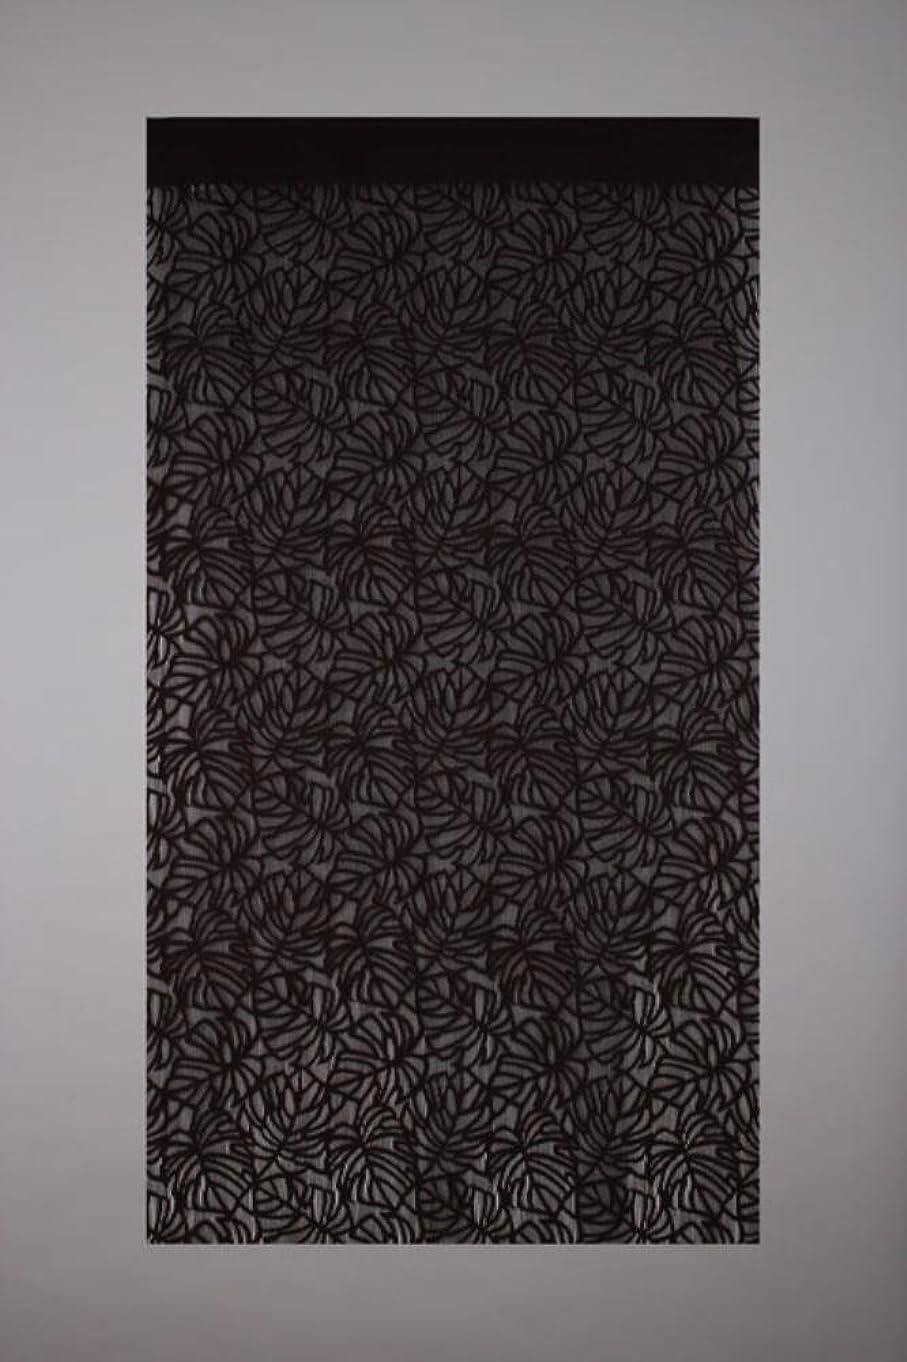 評判流体よろめくnarumikk 間仕切りタペカーテン モンステラ ブラウン 176cm丈 14-323